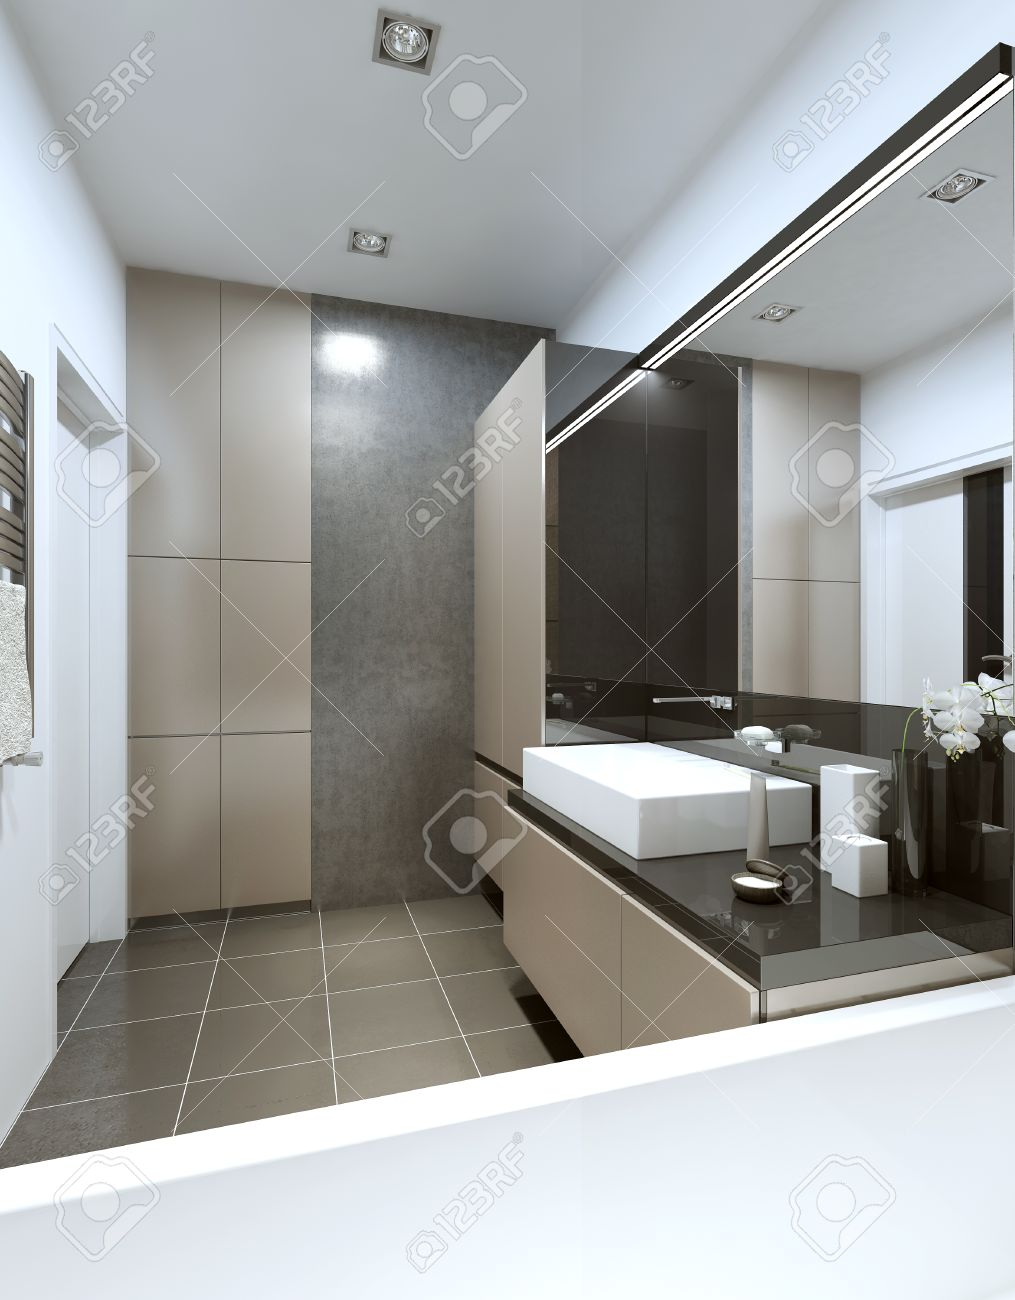 salle de bains moderne avec beige et mobilier gris et un plancher en beton et les murs rendu 3d